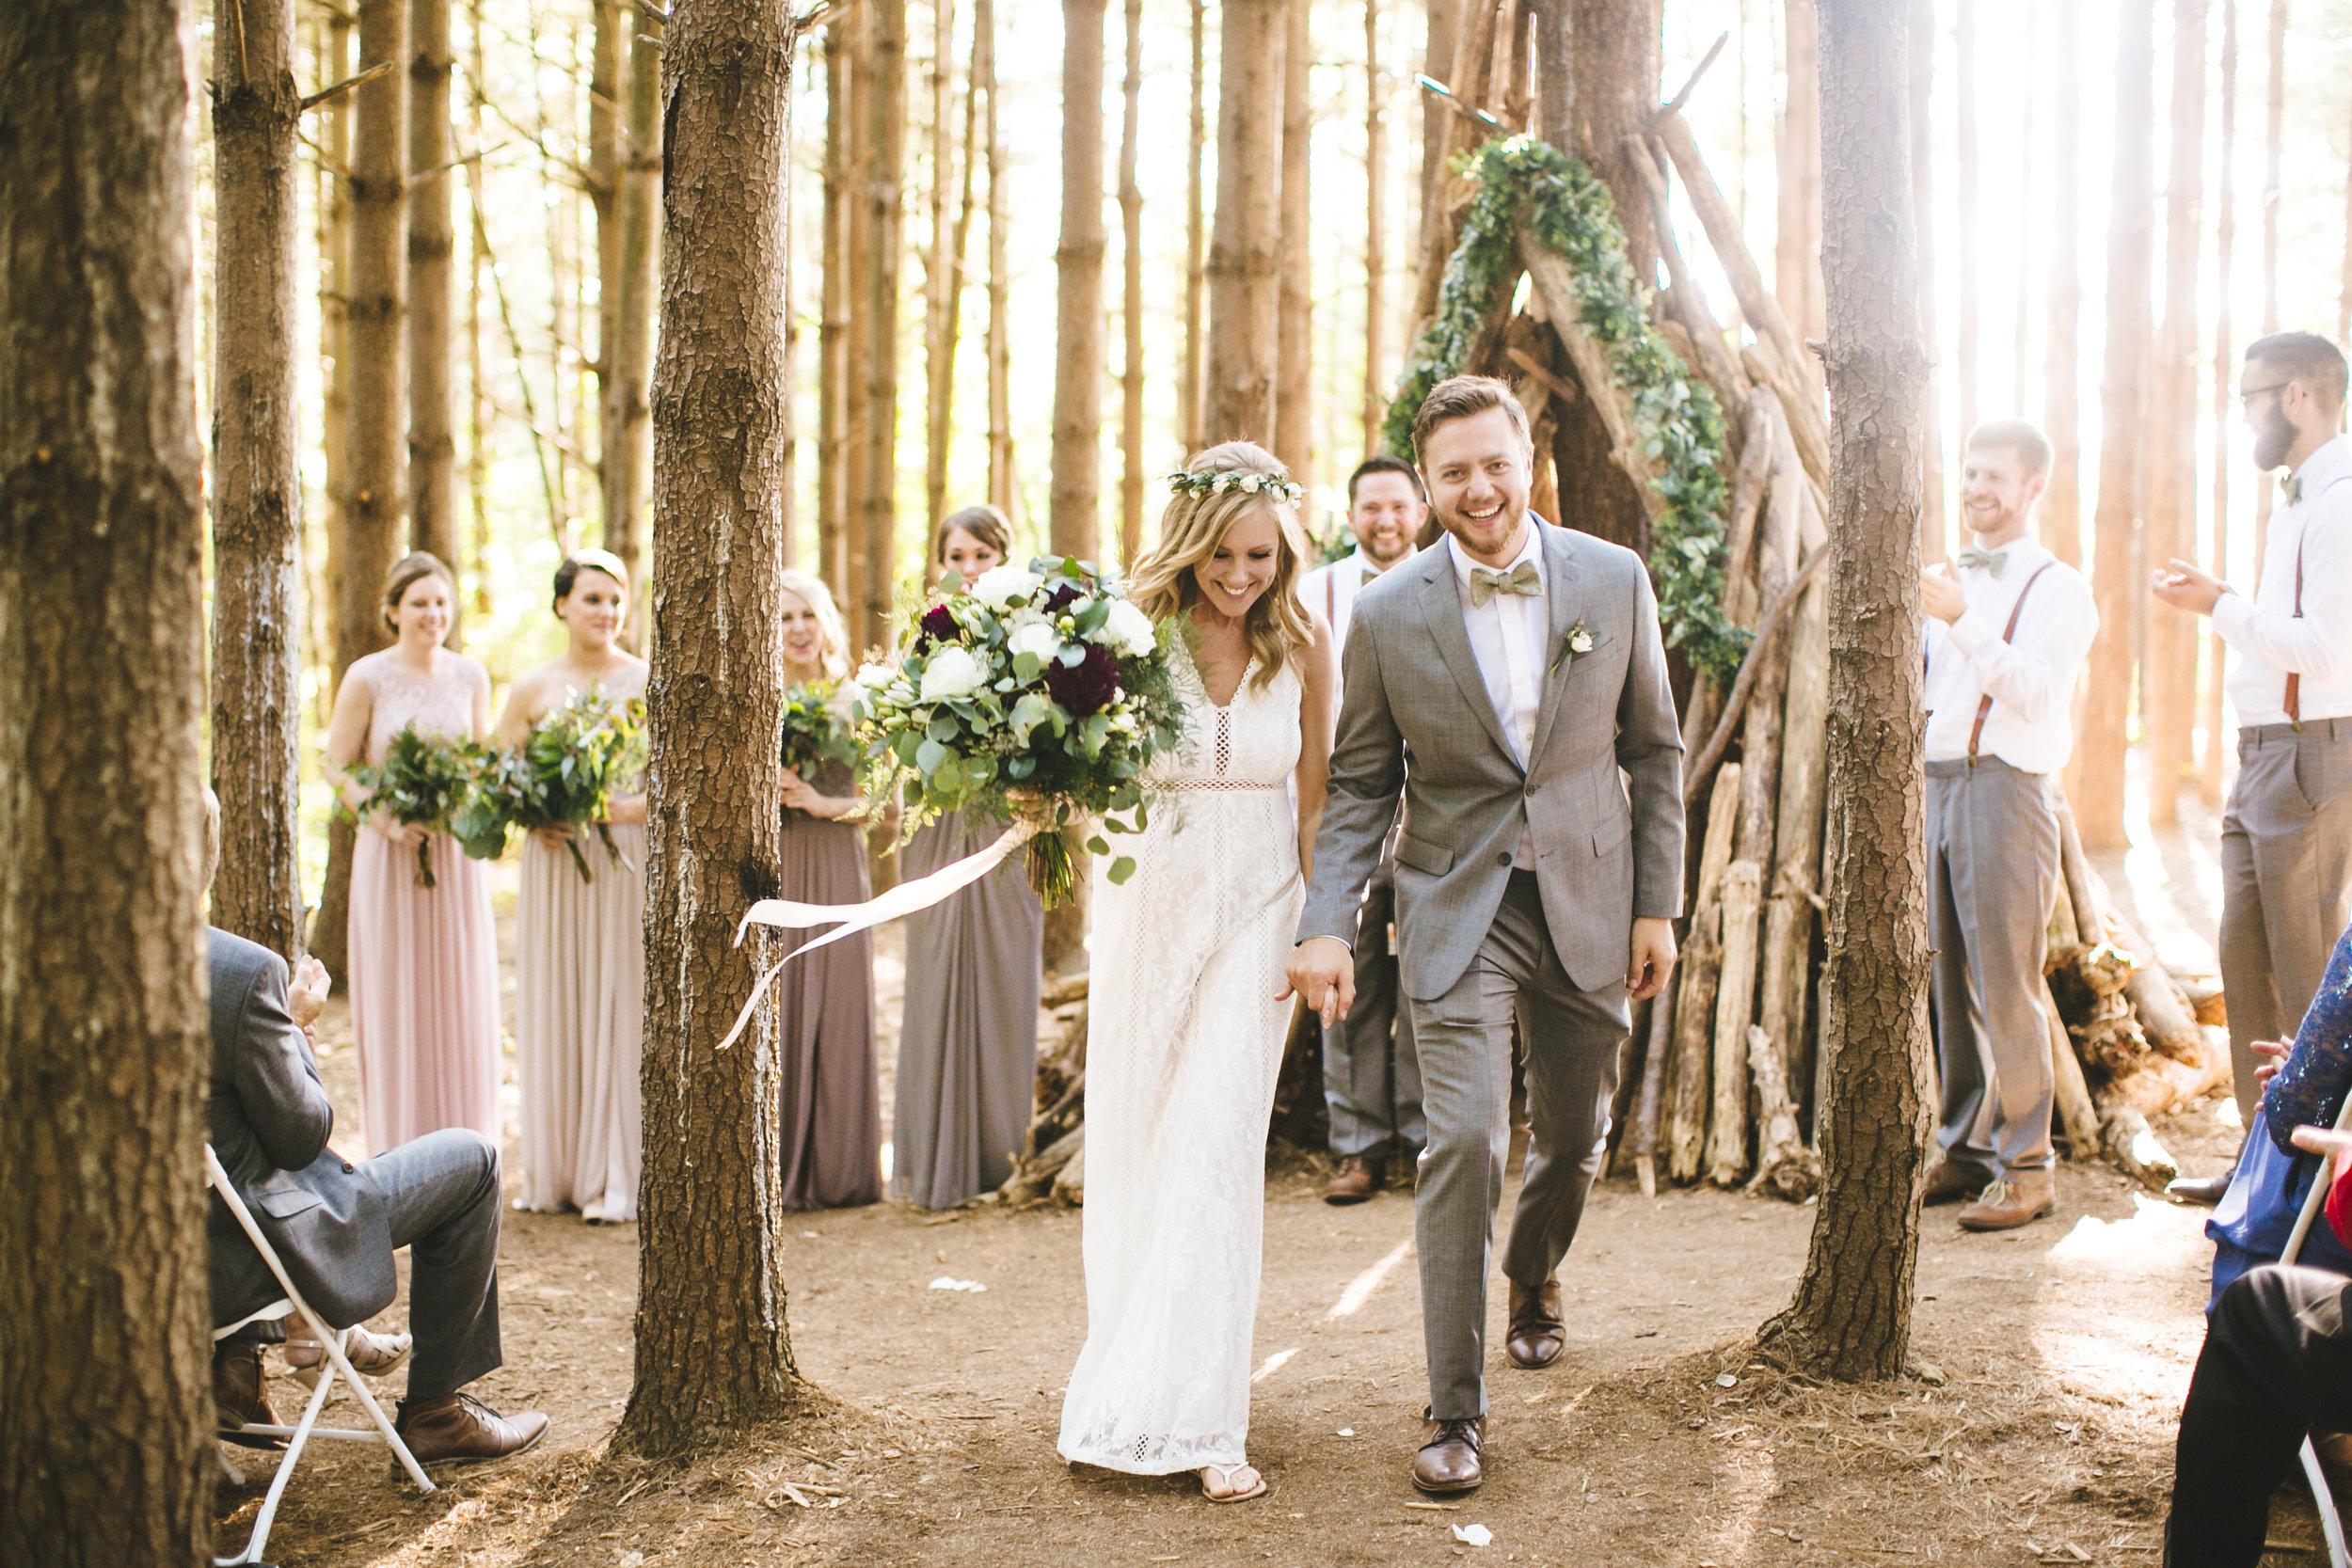 wedding__0434.jpg